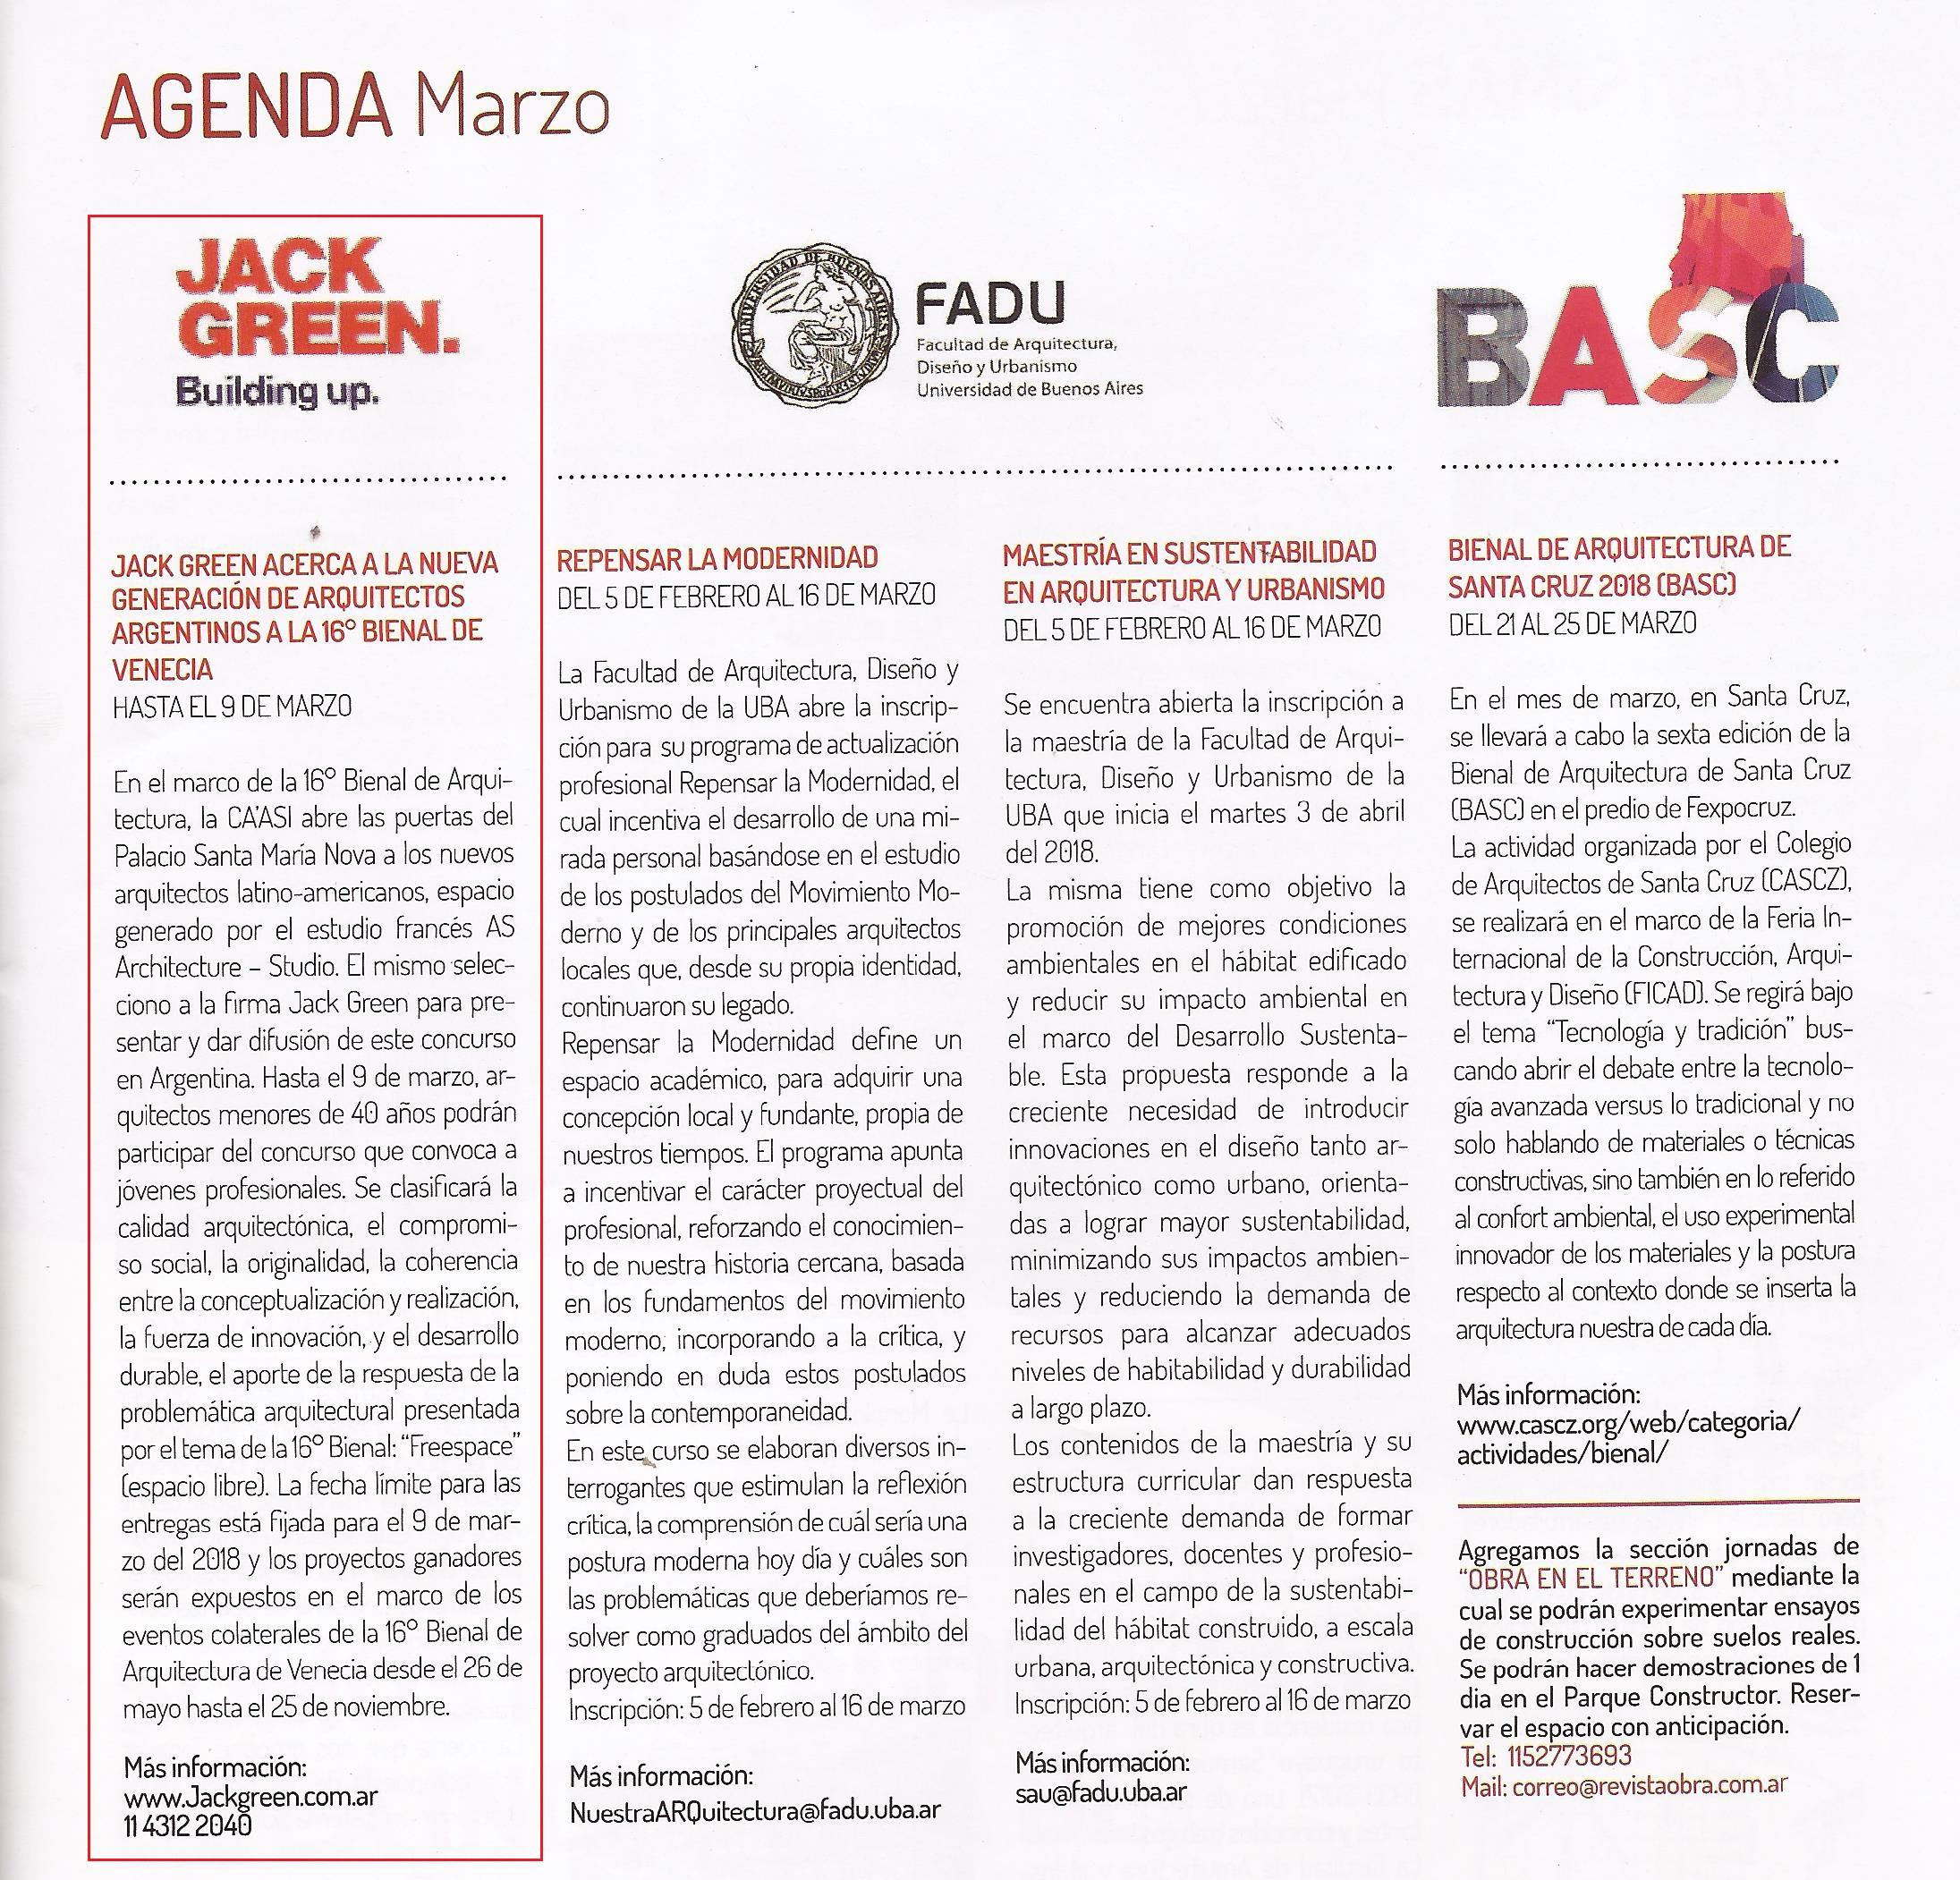 13-03-2018- Revista Obra - Agenda marzo